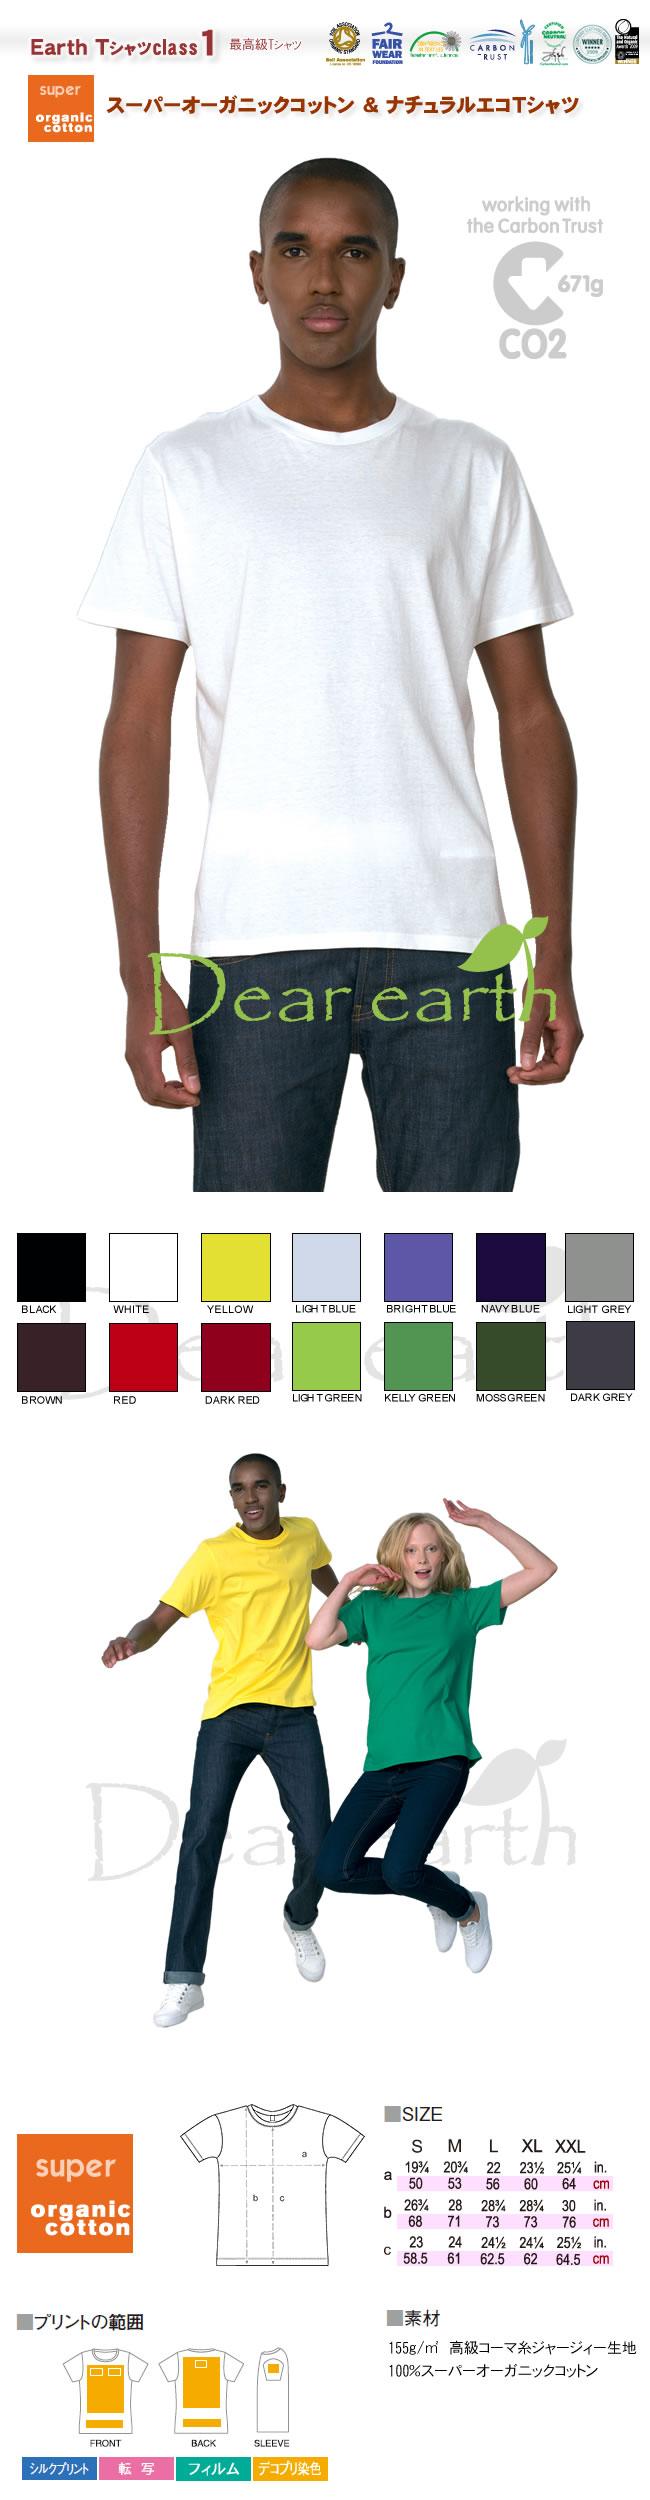 スーパーオーガニックコットンTシャツ